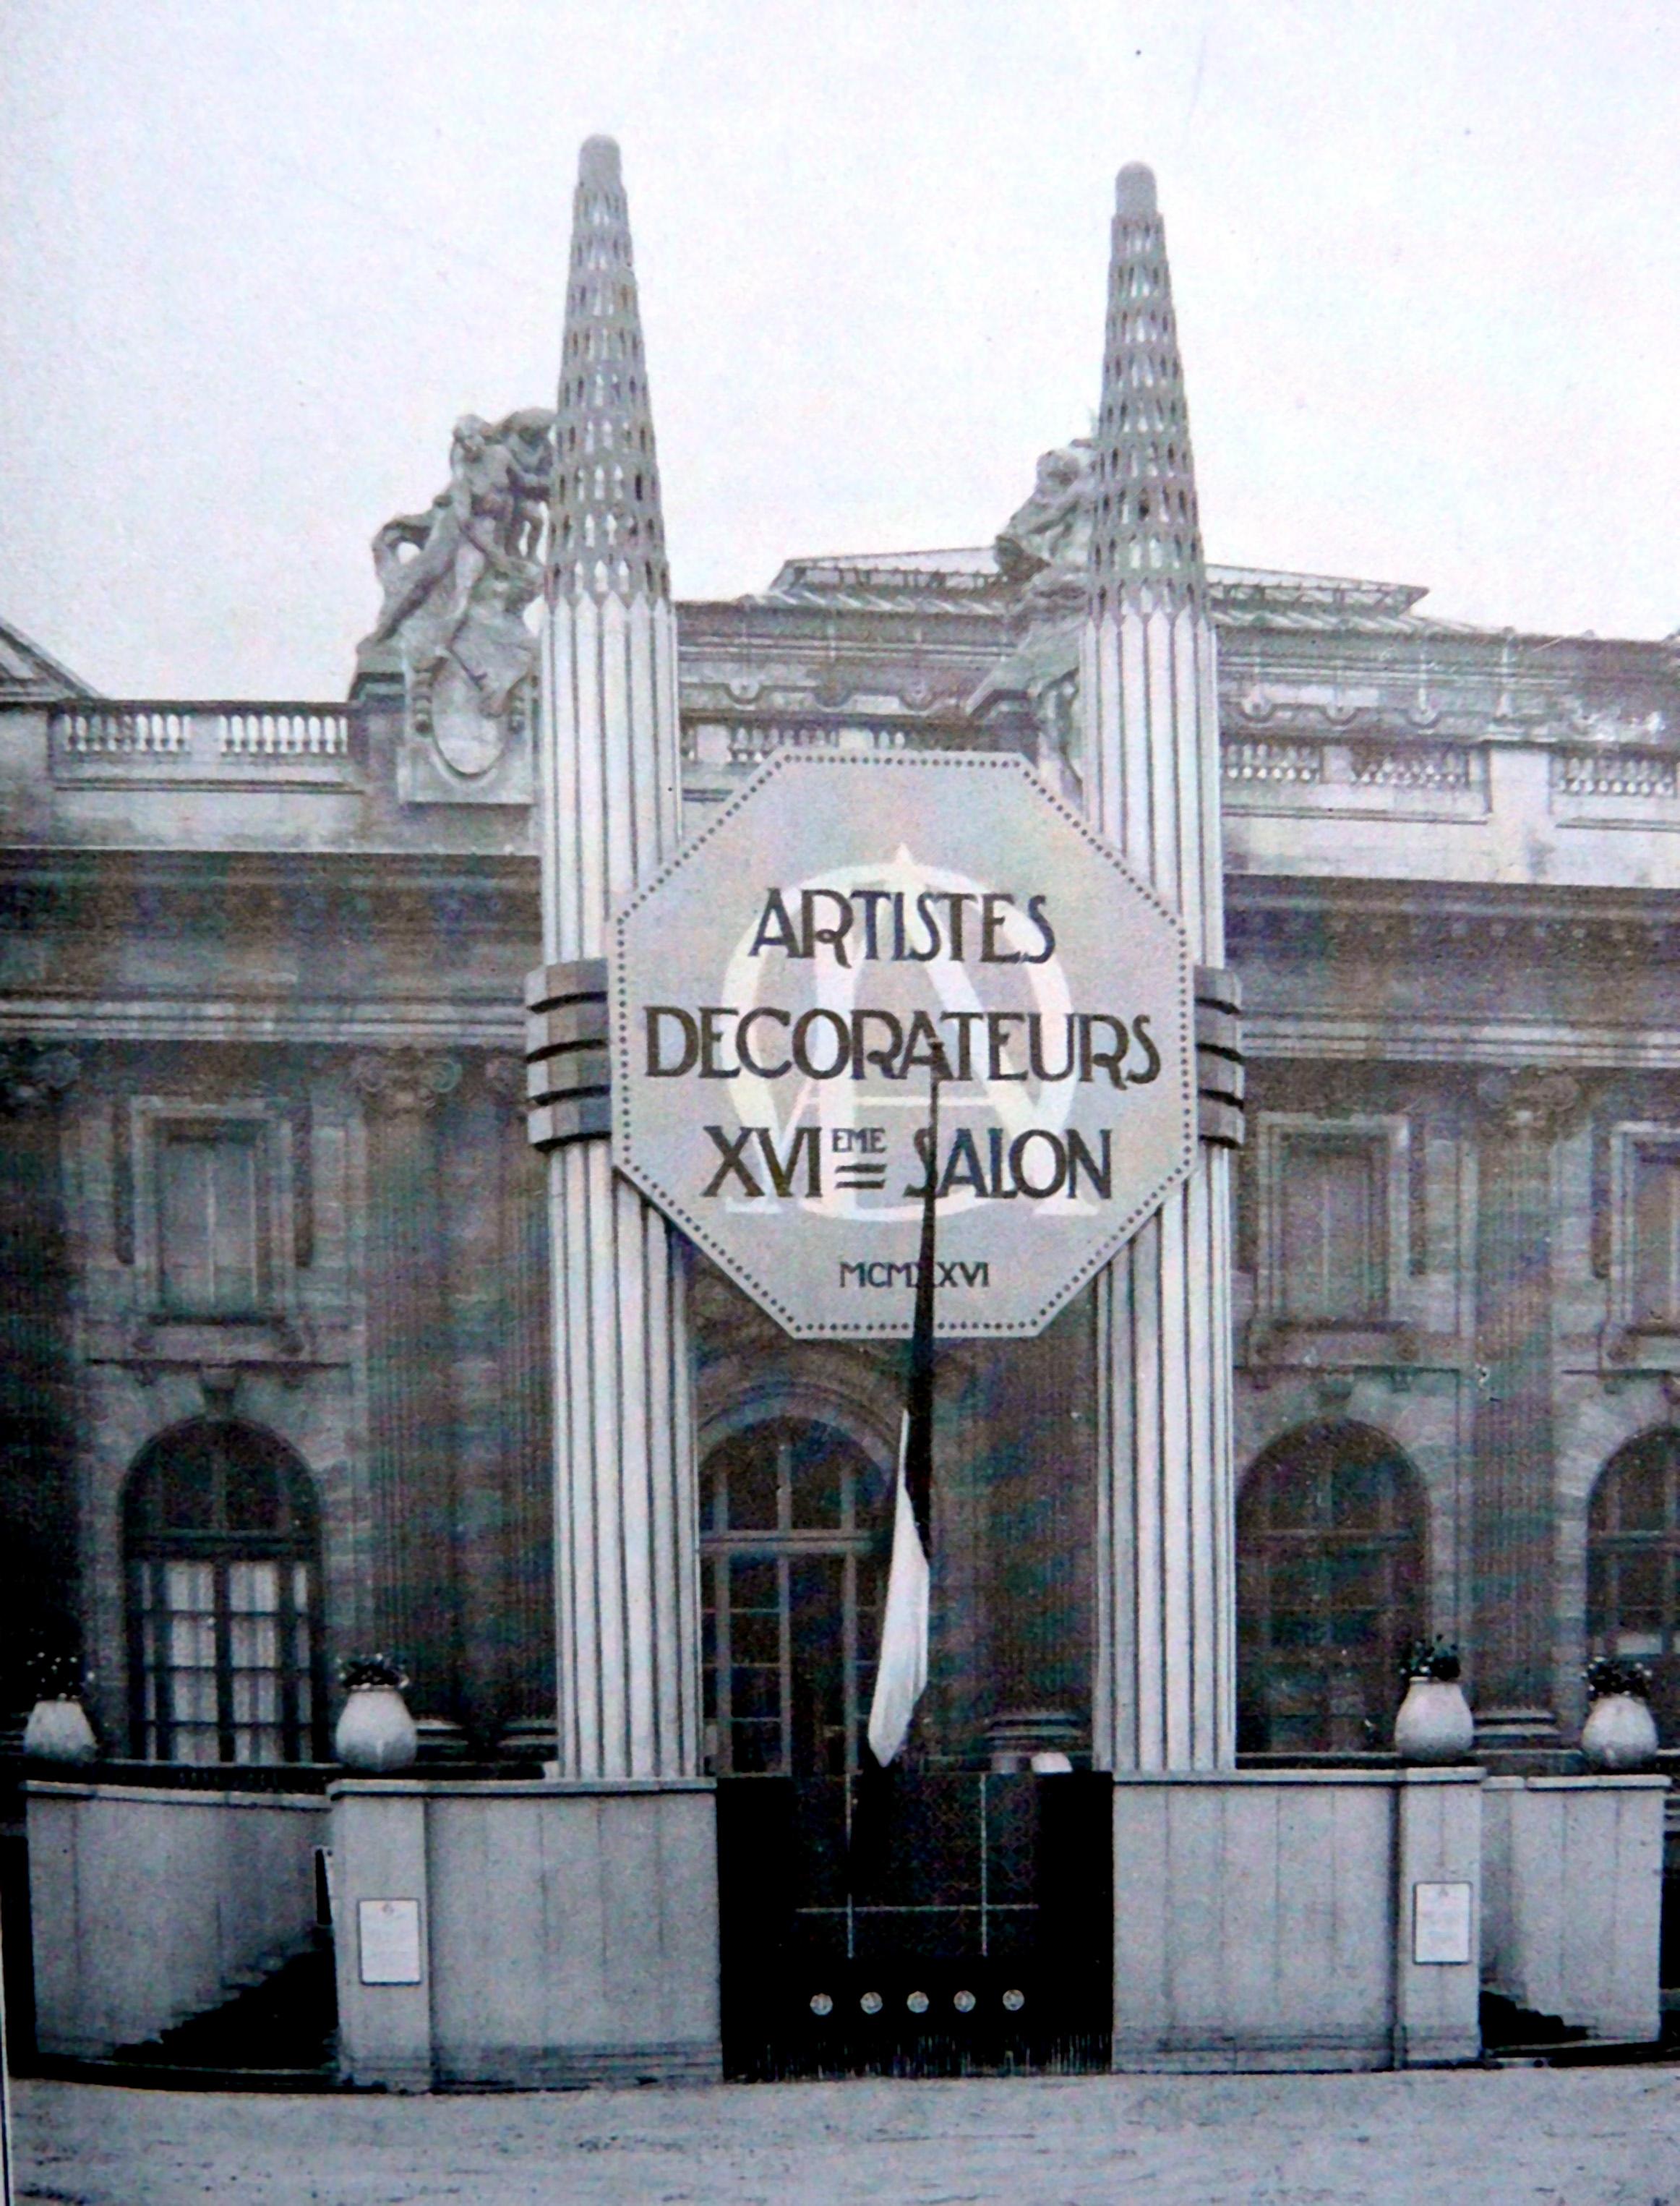 Société des artistes décorateurs - Wikipedia